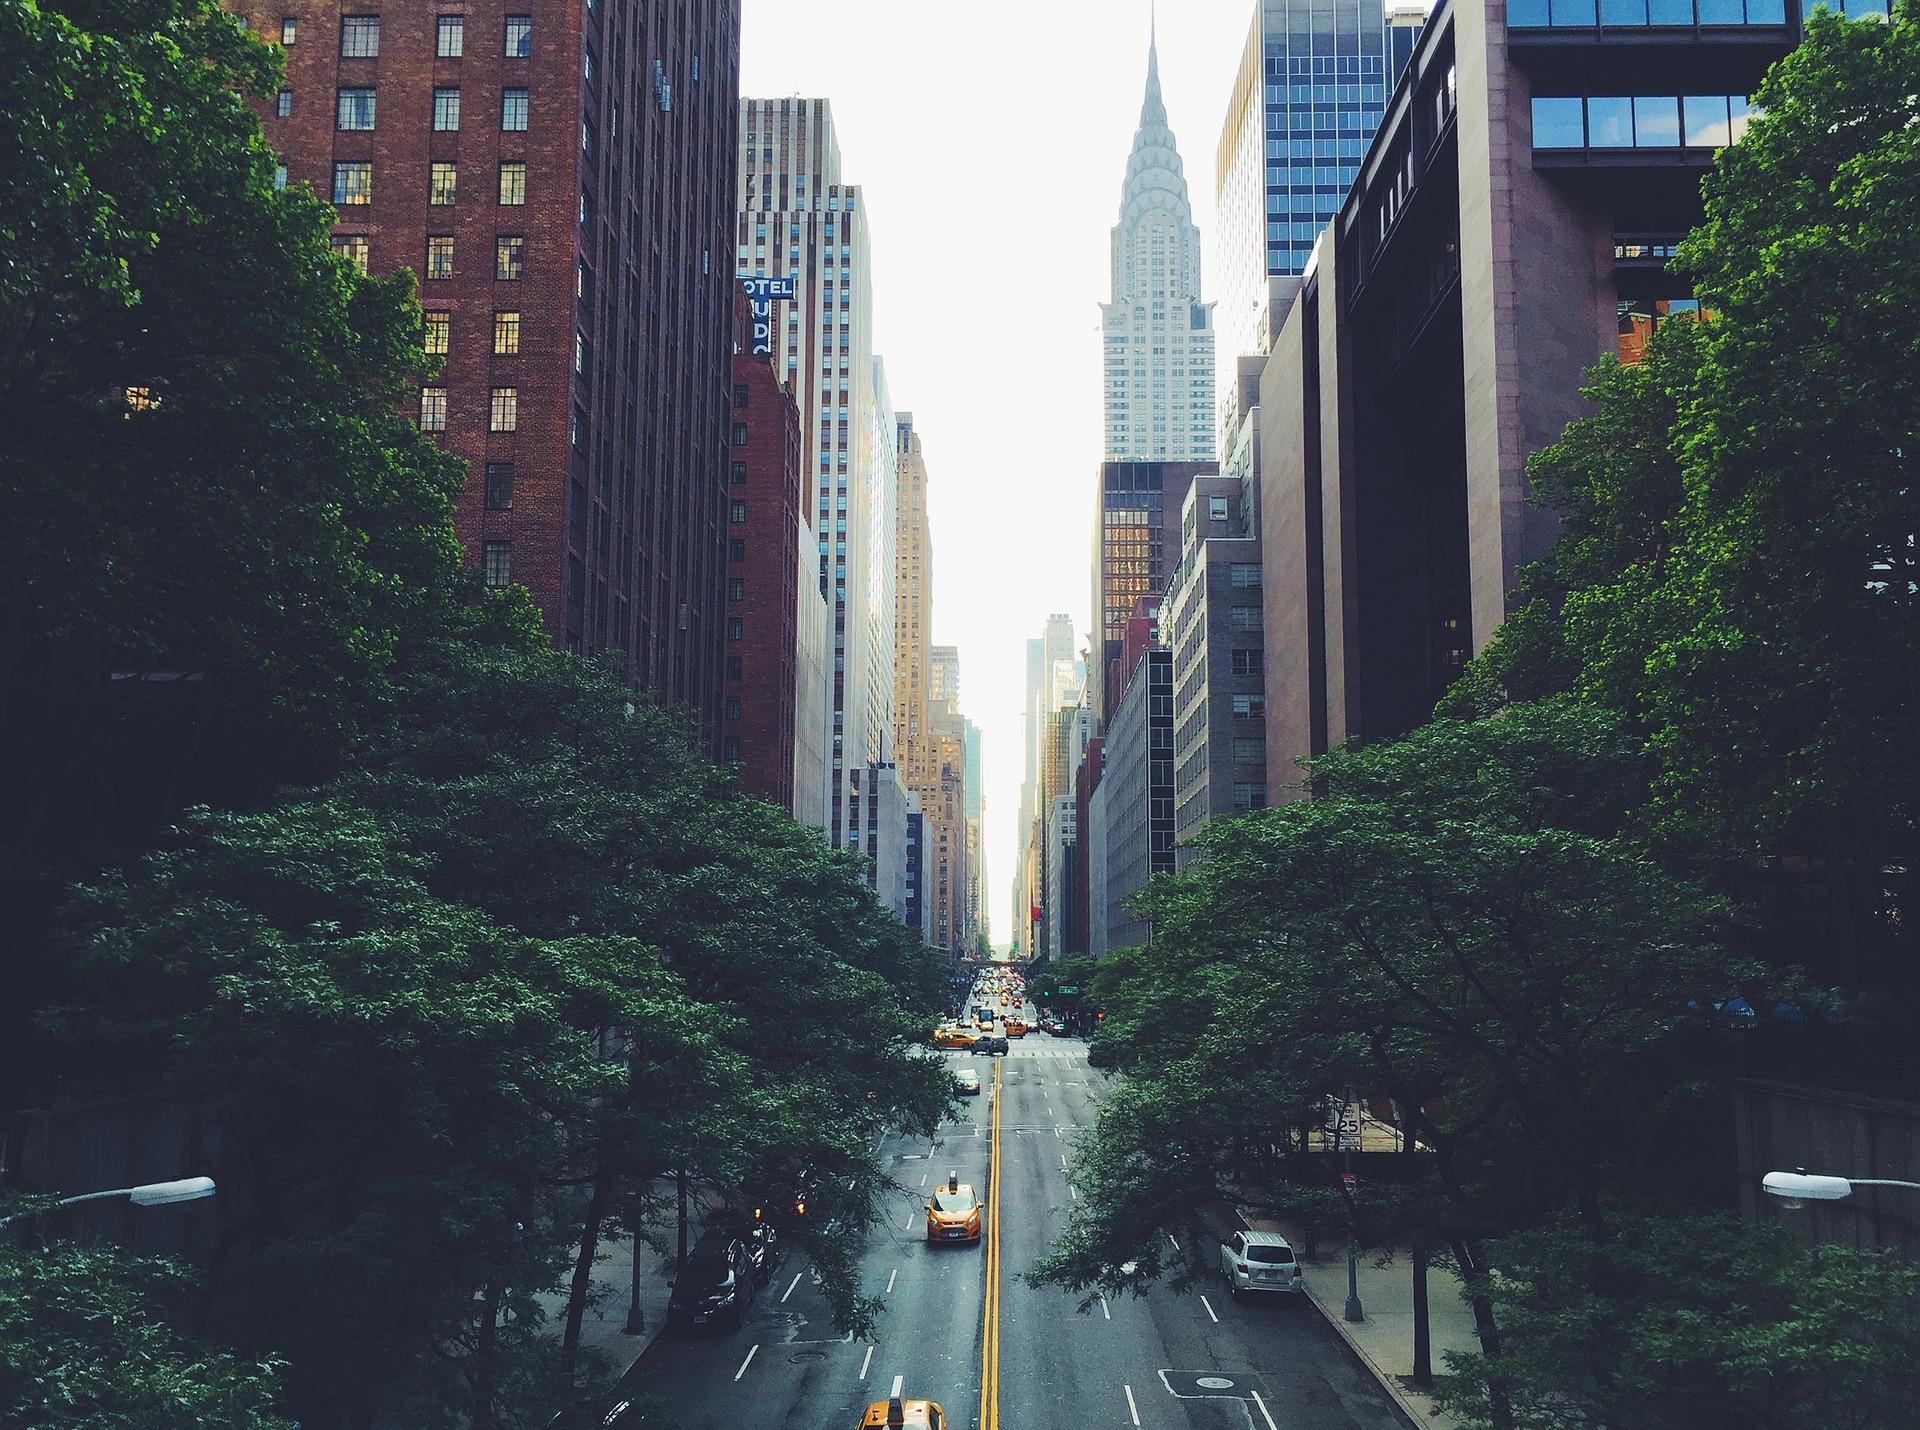 Resiliência urbana: o que nossas cidades podem suportar?